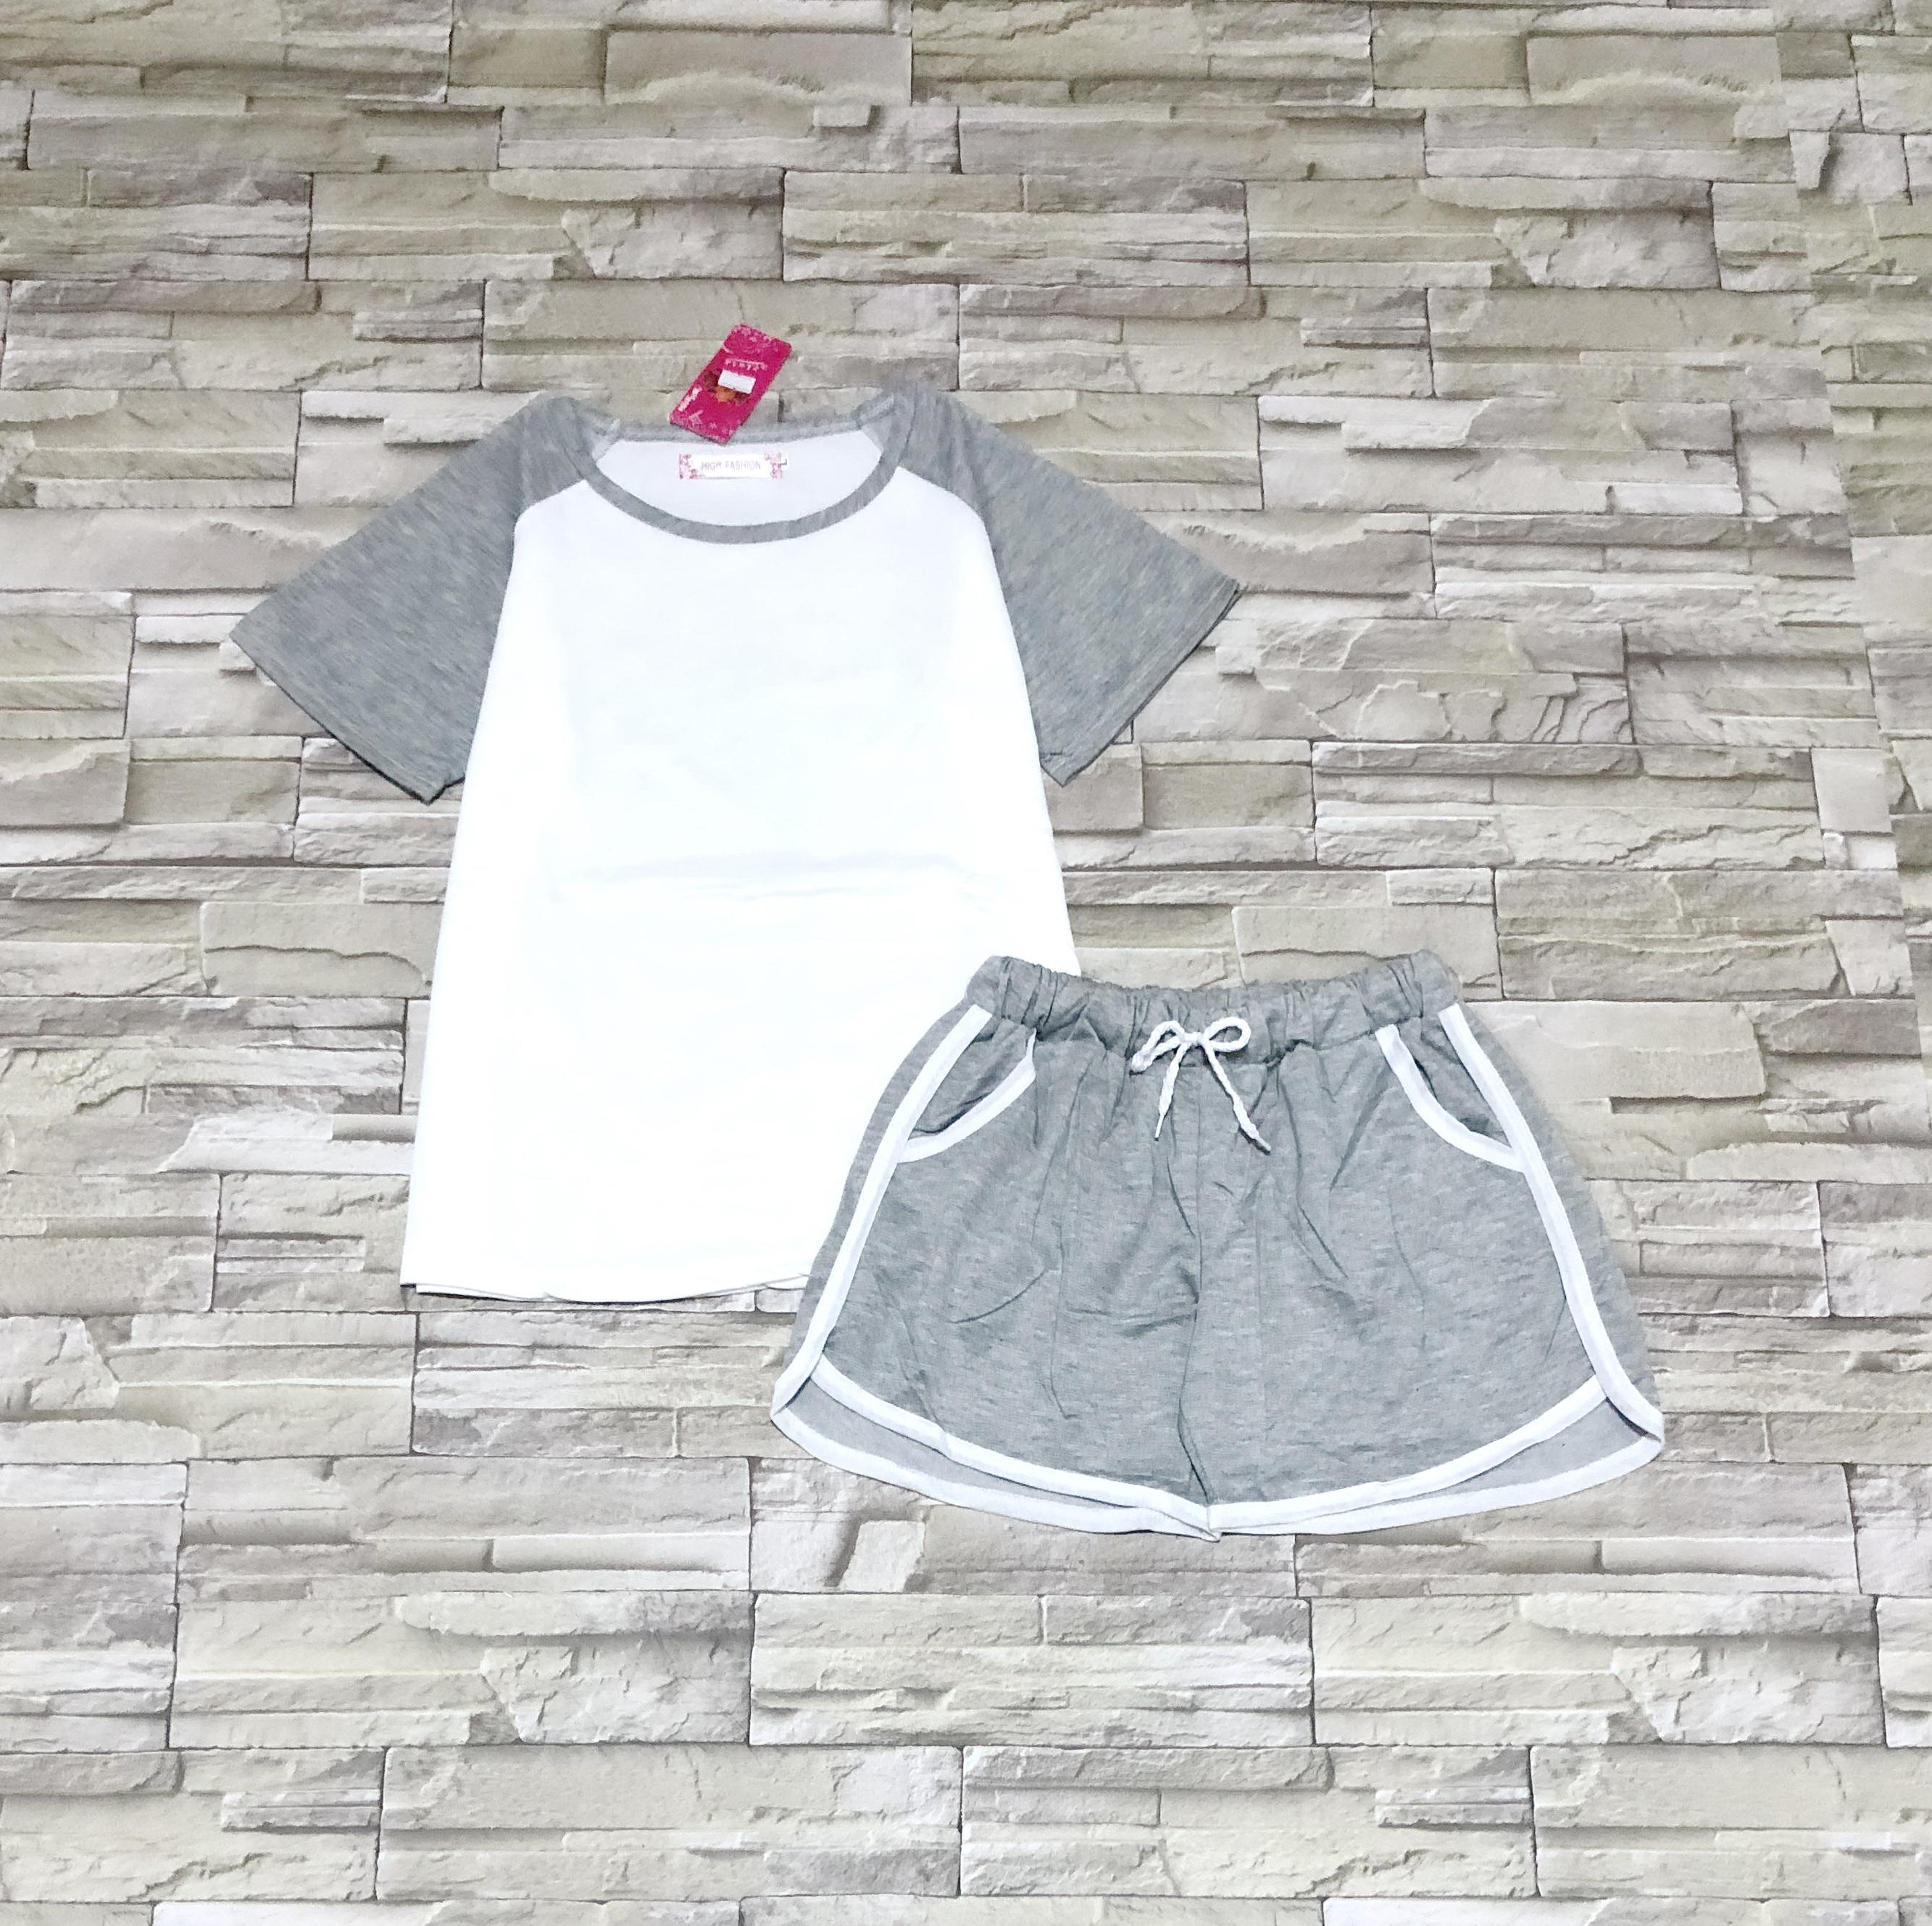 ส่ง:งานจีนเช็ท2ชิ้นแบบใส่สบาย/เสื้ออก36+กางเกงเอวยืดได้22-38